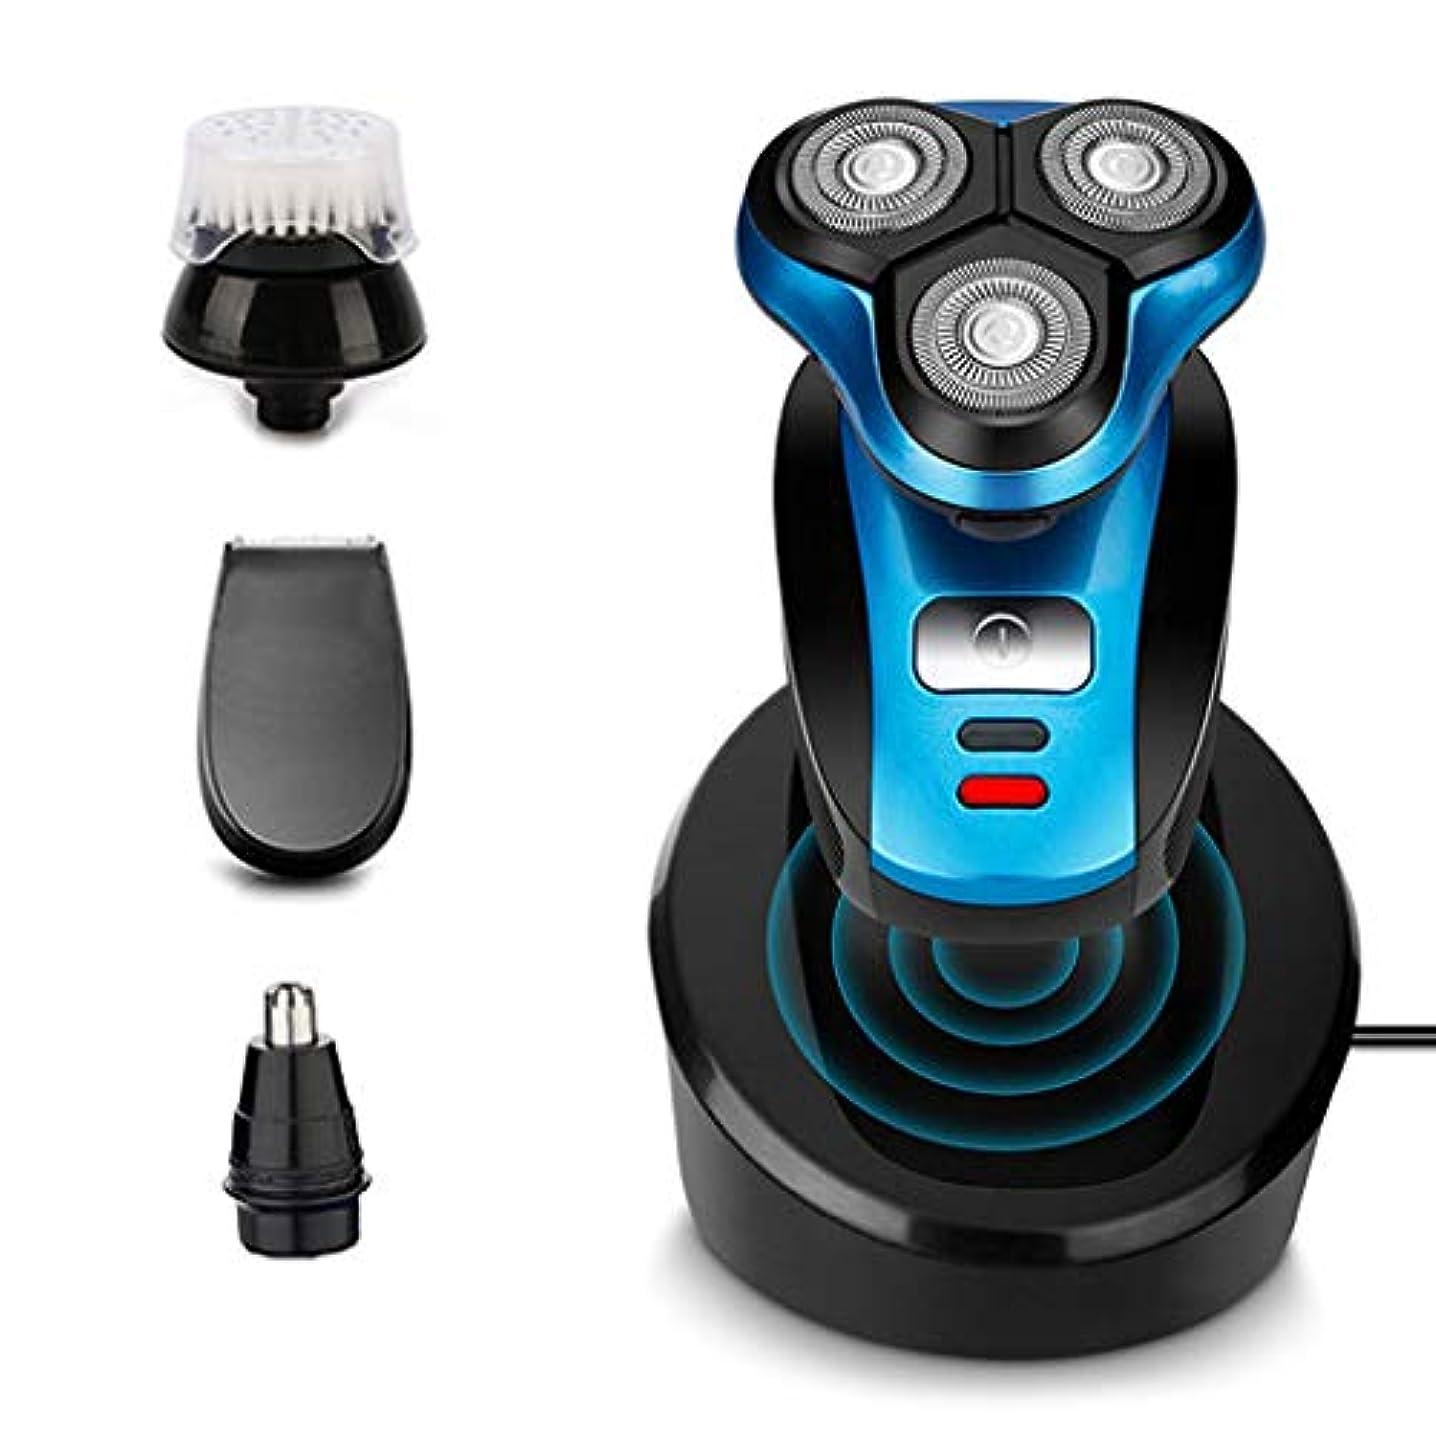 橋ページ銛YHSUNN USBワイヤレス充電電気シェーバー男性用フローティング3ブレードヘッド電気シェービングマシン充電式かみそりフェイスケアツール